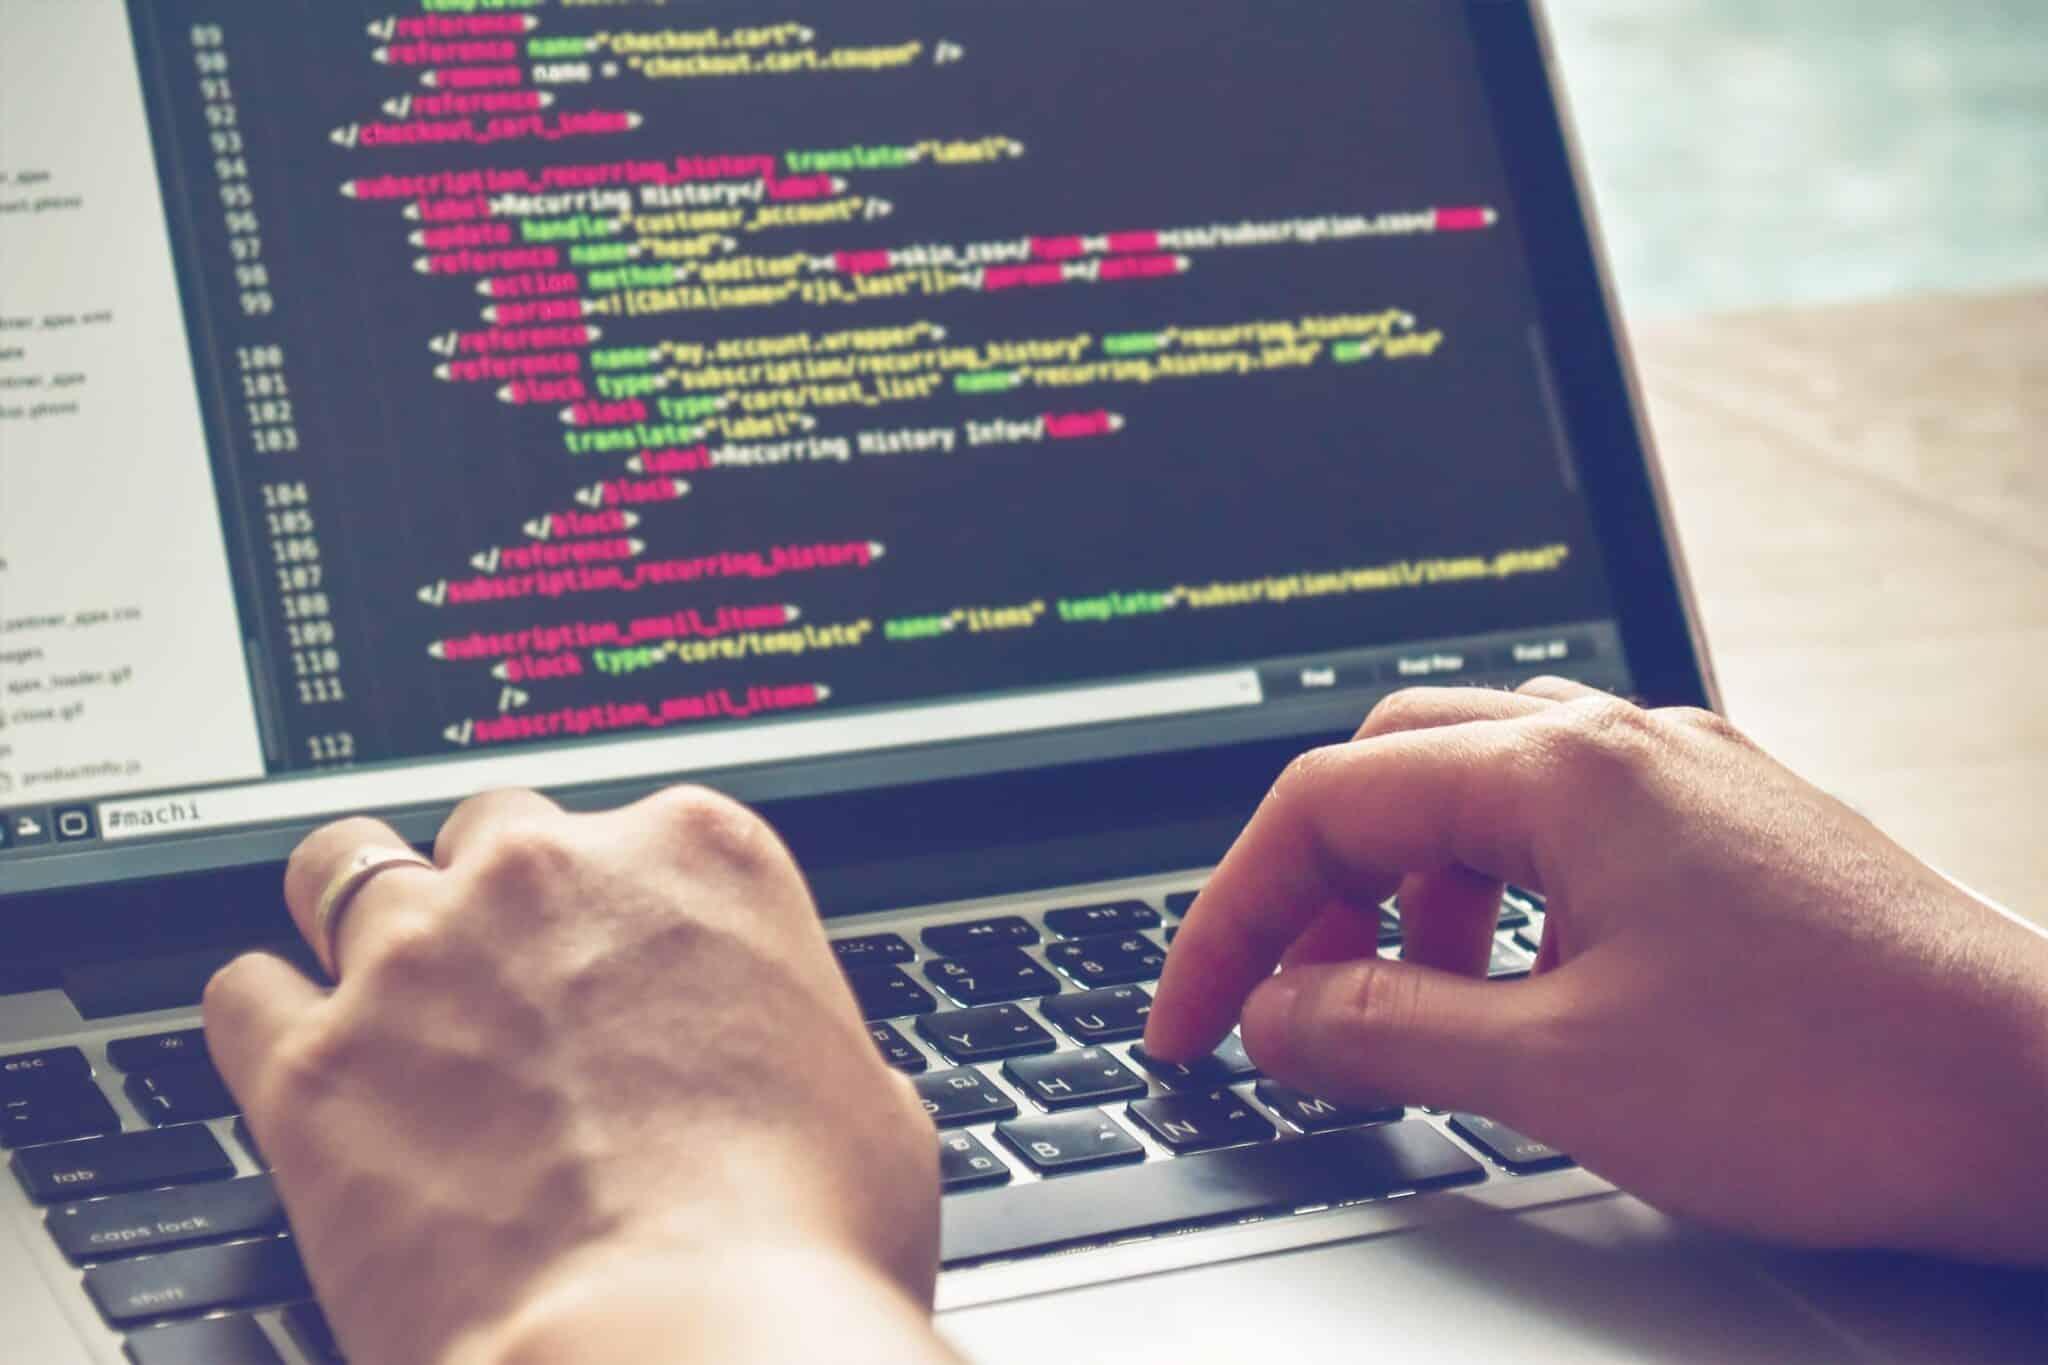 Titelbild Entwicklung und Programmierung Werbeagentur Rheinland Pfalz